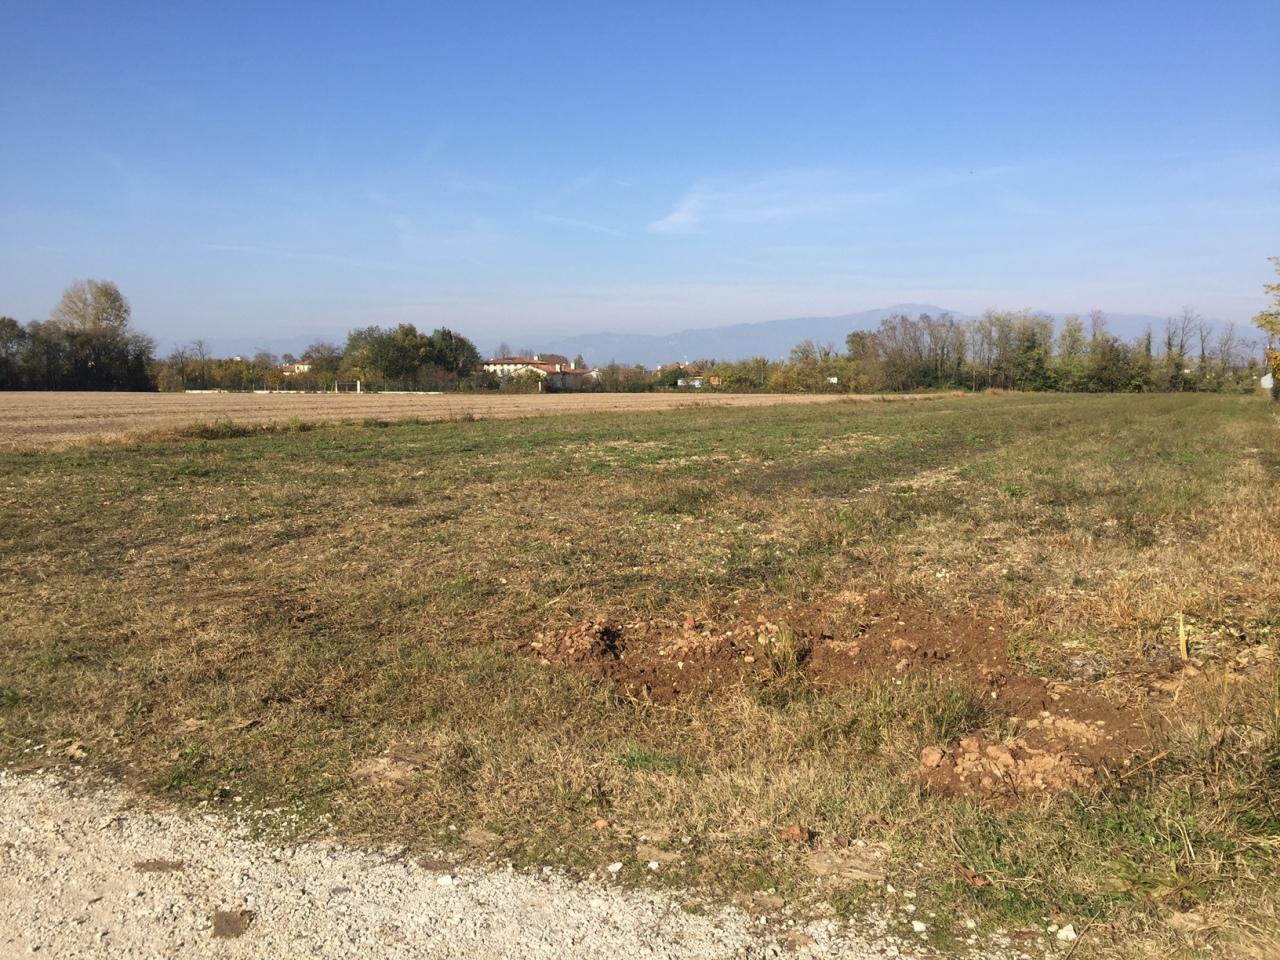 Terreno Edificabile Residenziale in vendita a Castelfranco Veneto, 9999 locali, prezzo € 100.000 | Cambio Casa.it